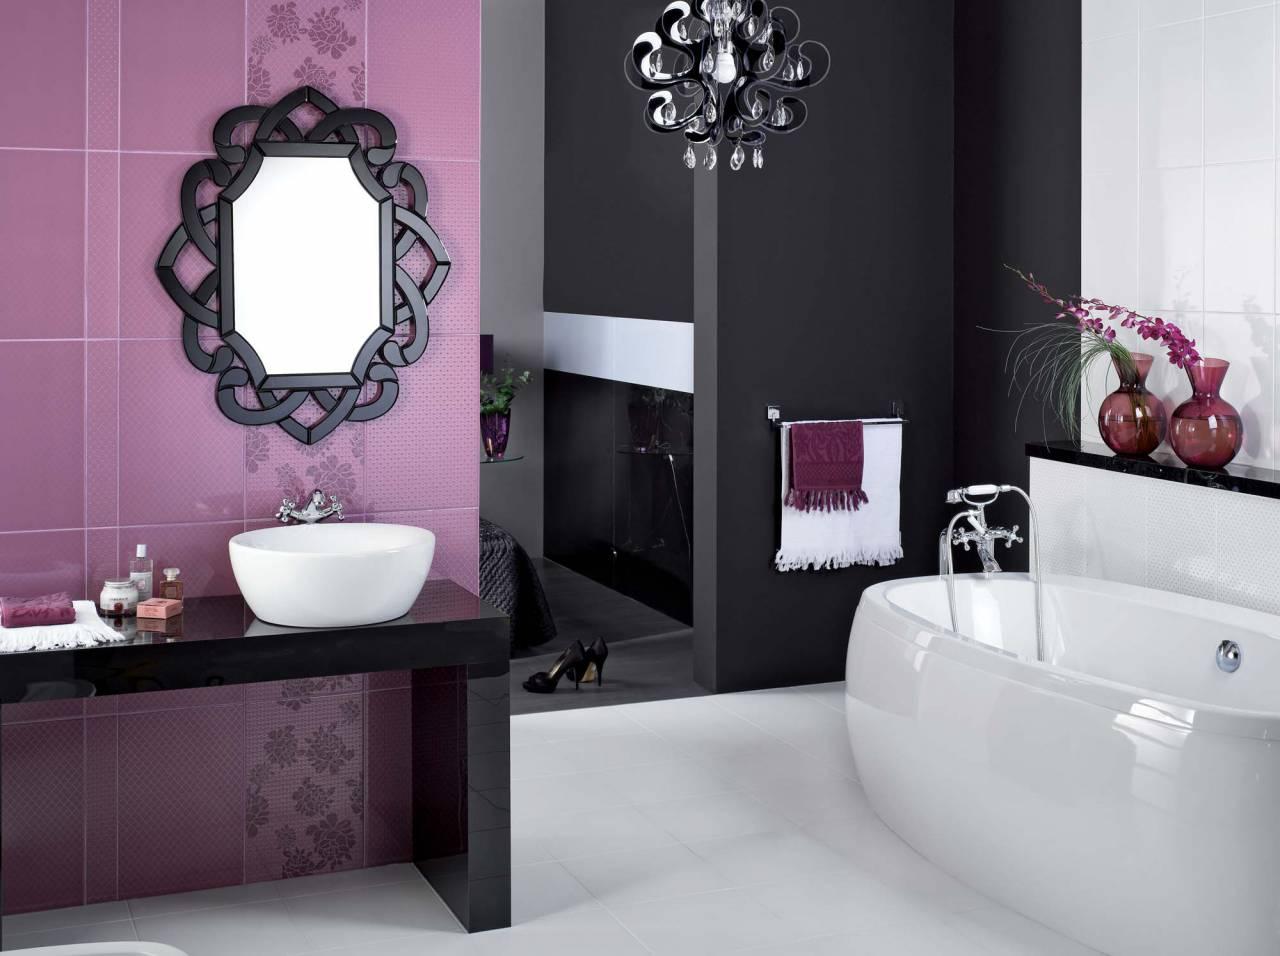 Фиолетовый, черный и белый цвета в дизайне ванной в стиле модерн